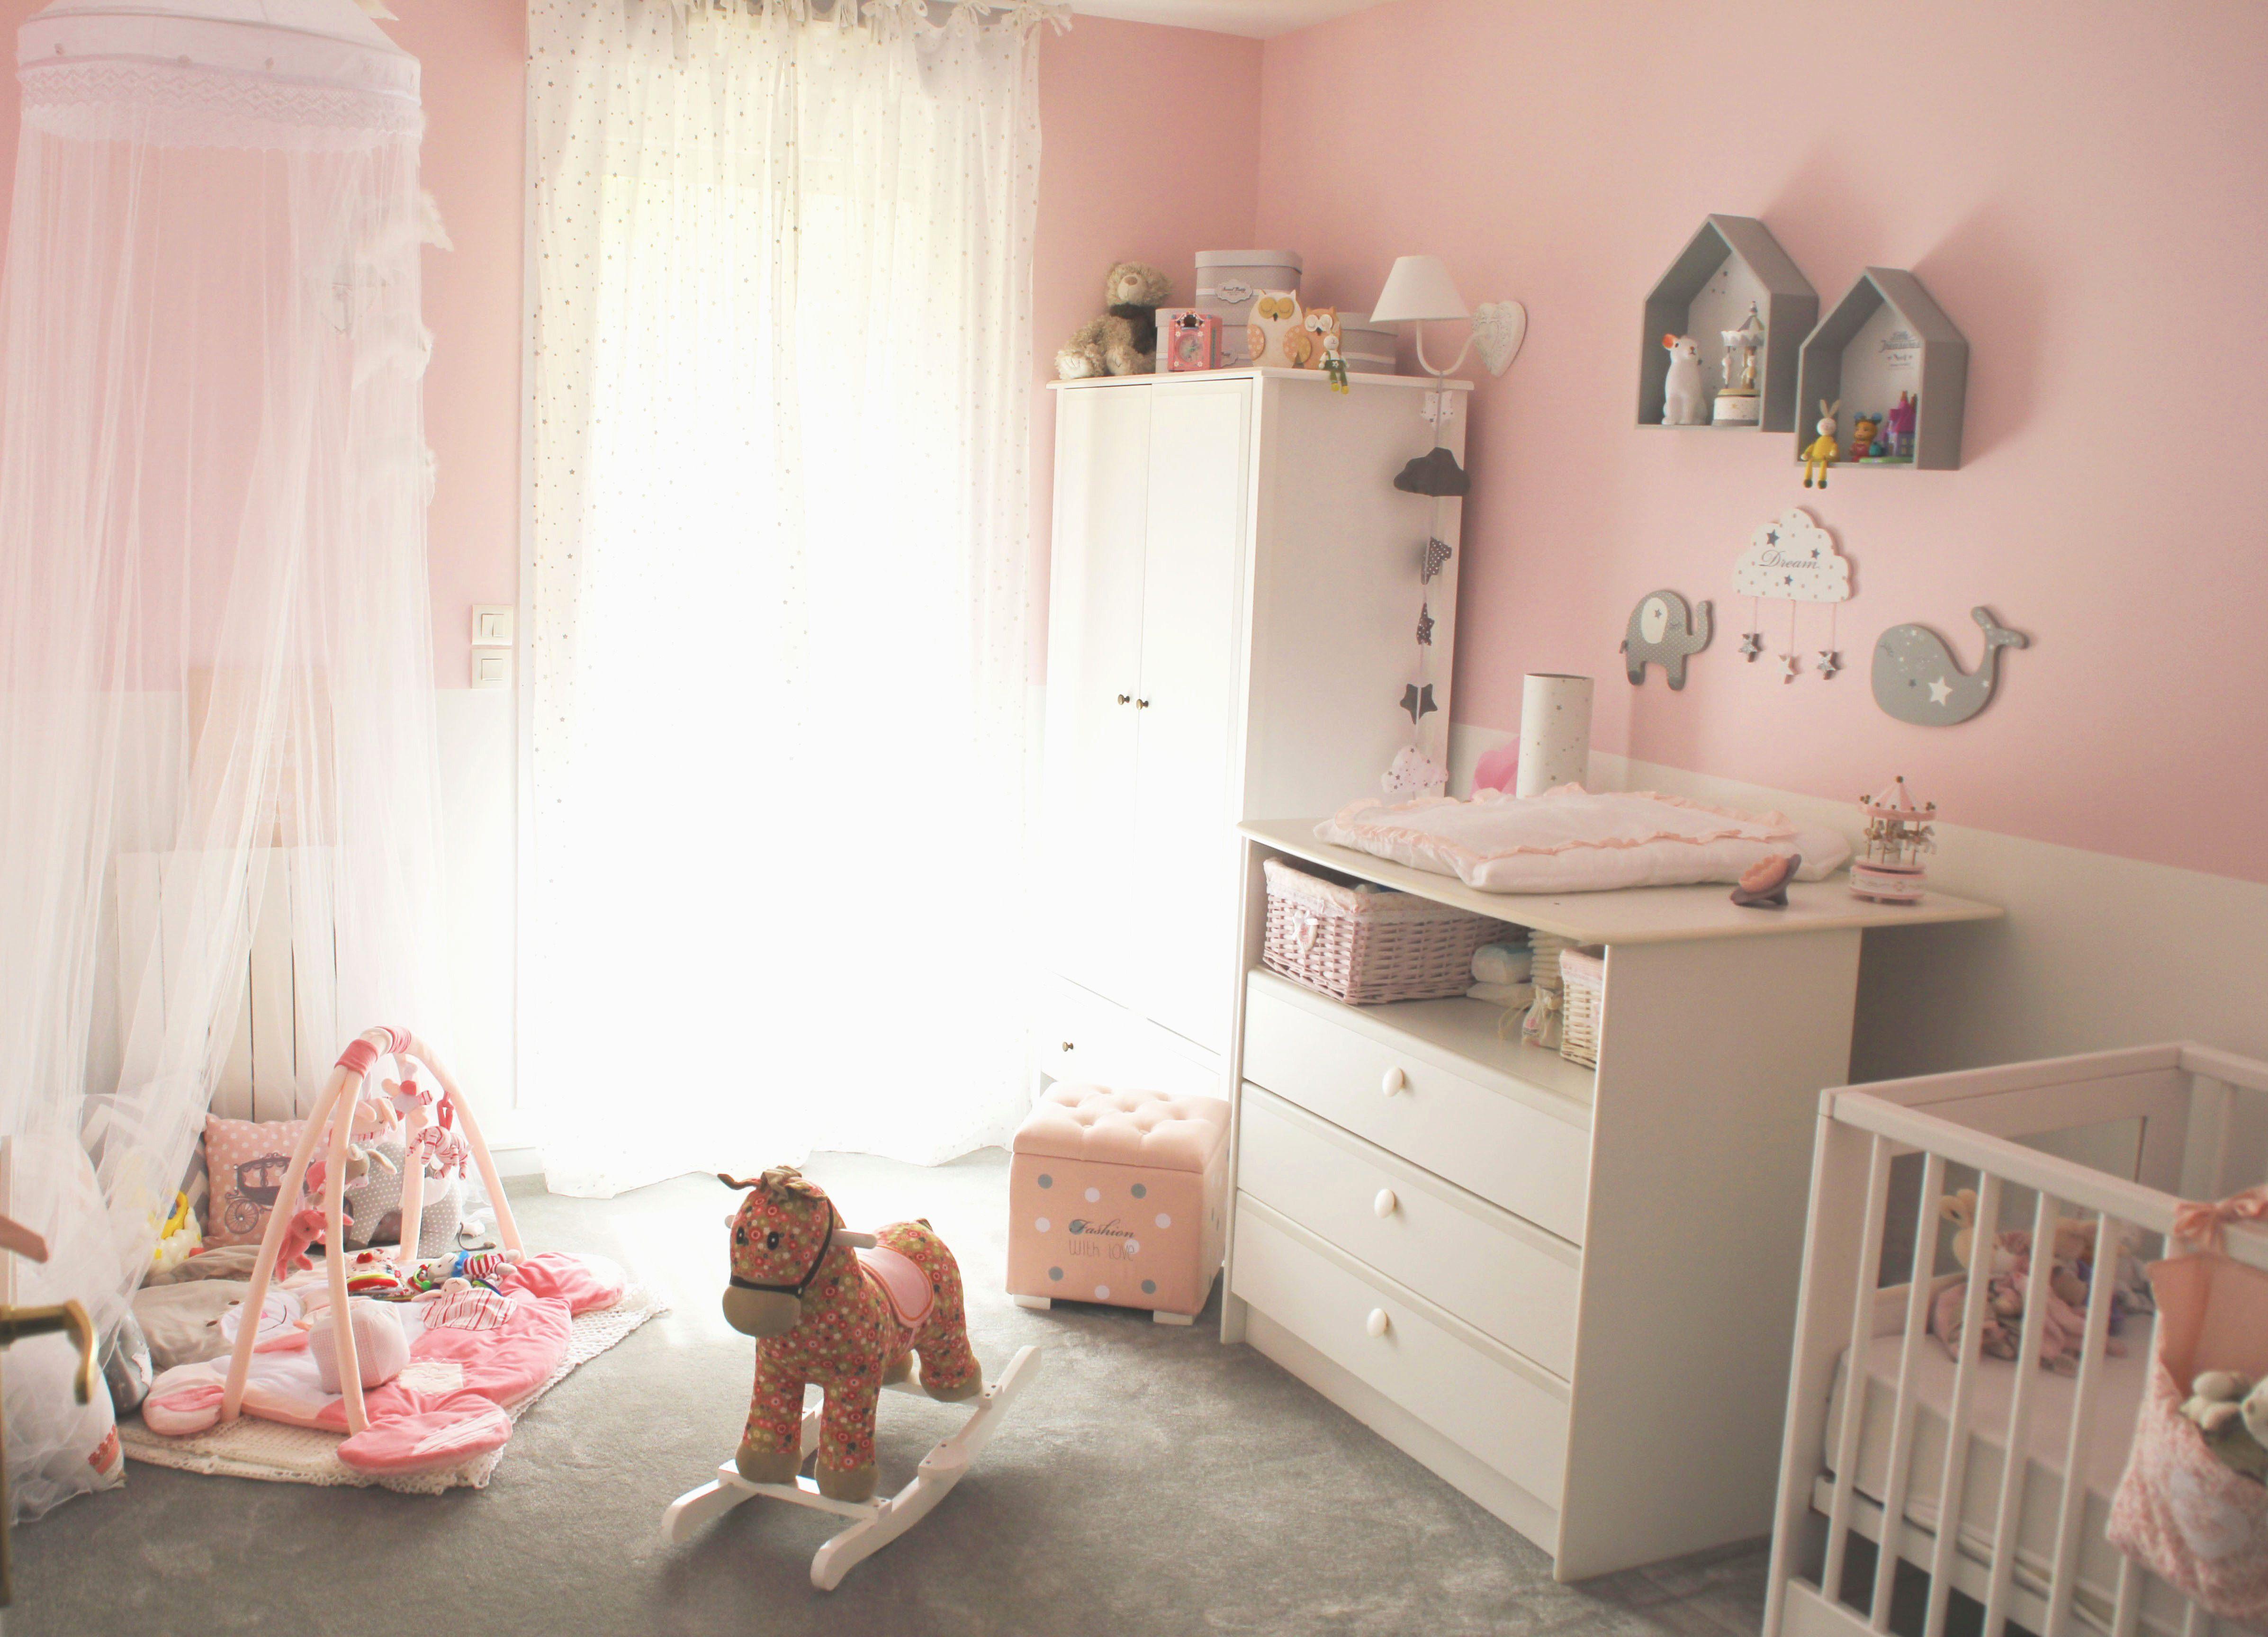 Lit Enfant Banquette De Luxe Chambre A Coucher Simple Beau Exceptionnel Chambre Design Enfant Lit